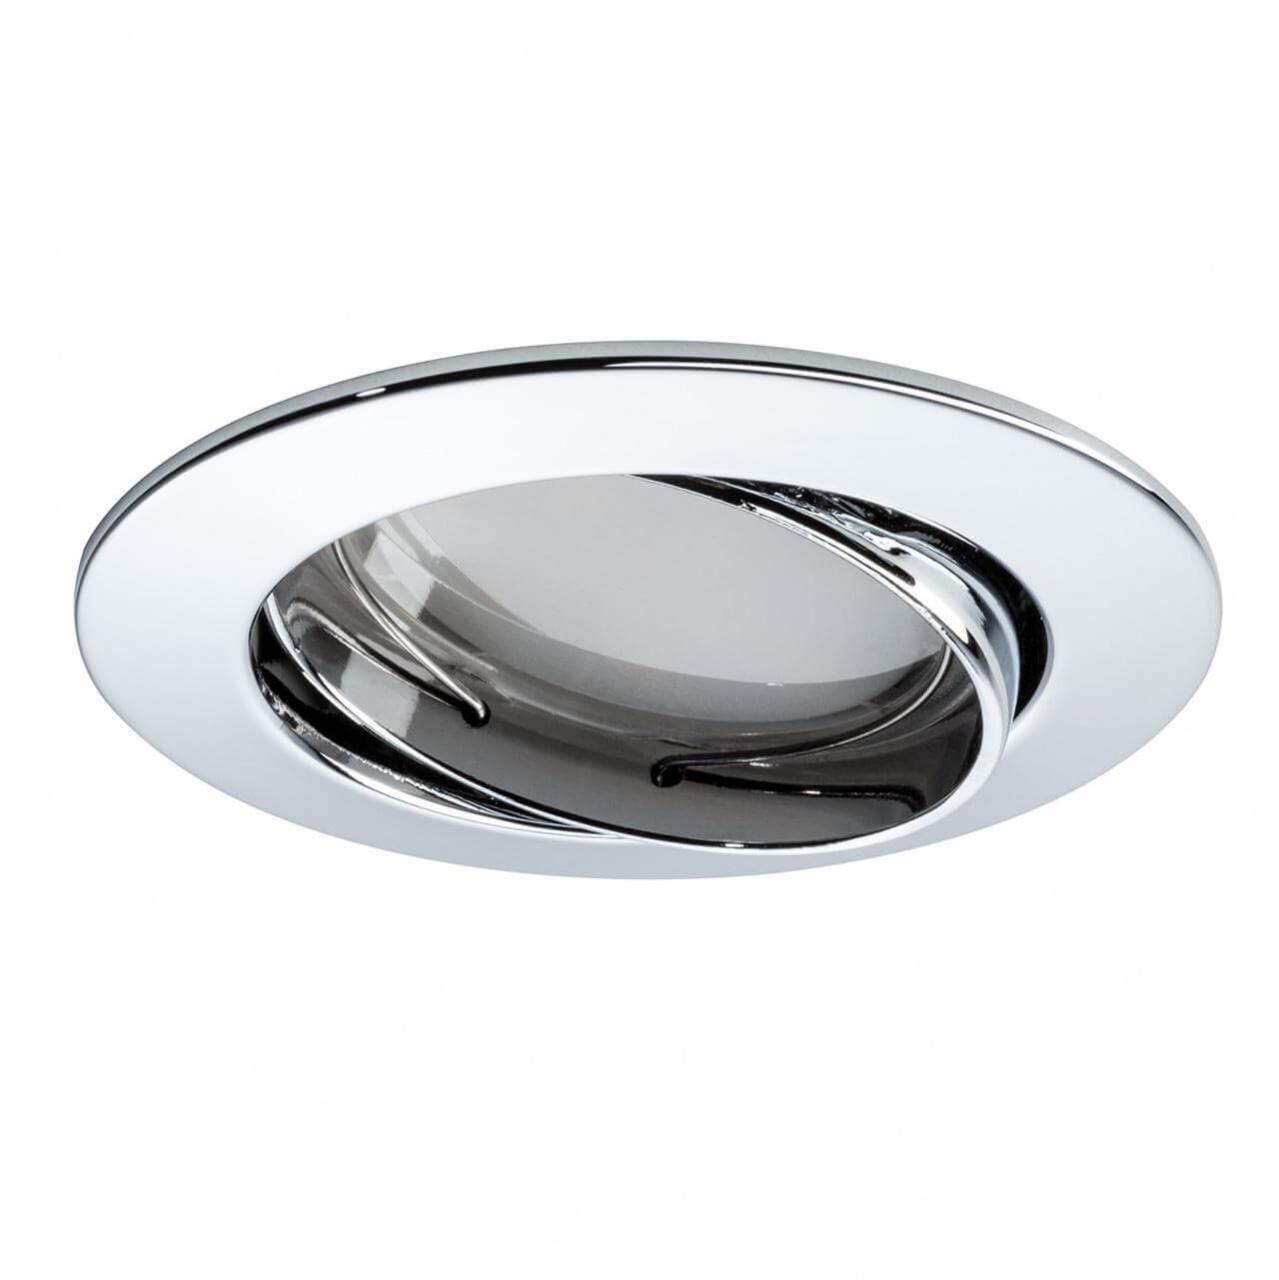 Встраиваемый светодиодный светильник Paulmann Premium Line Coin 92779 цены